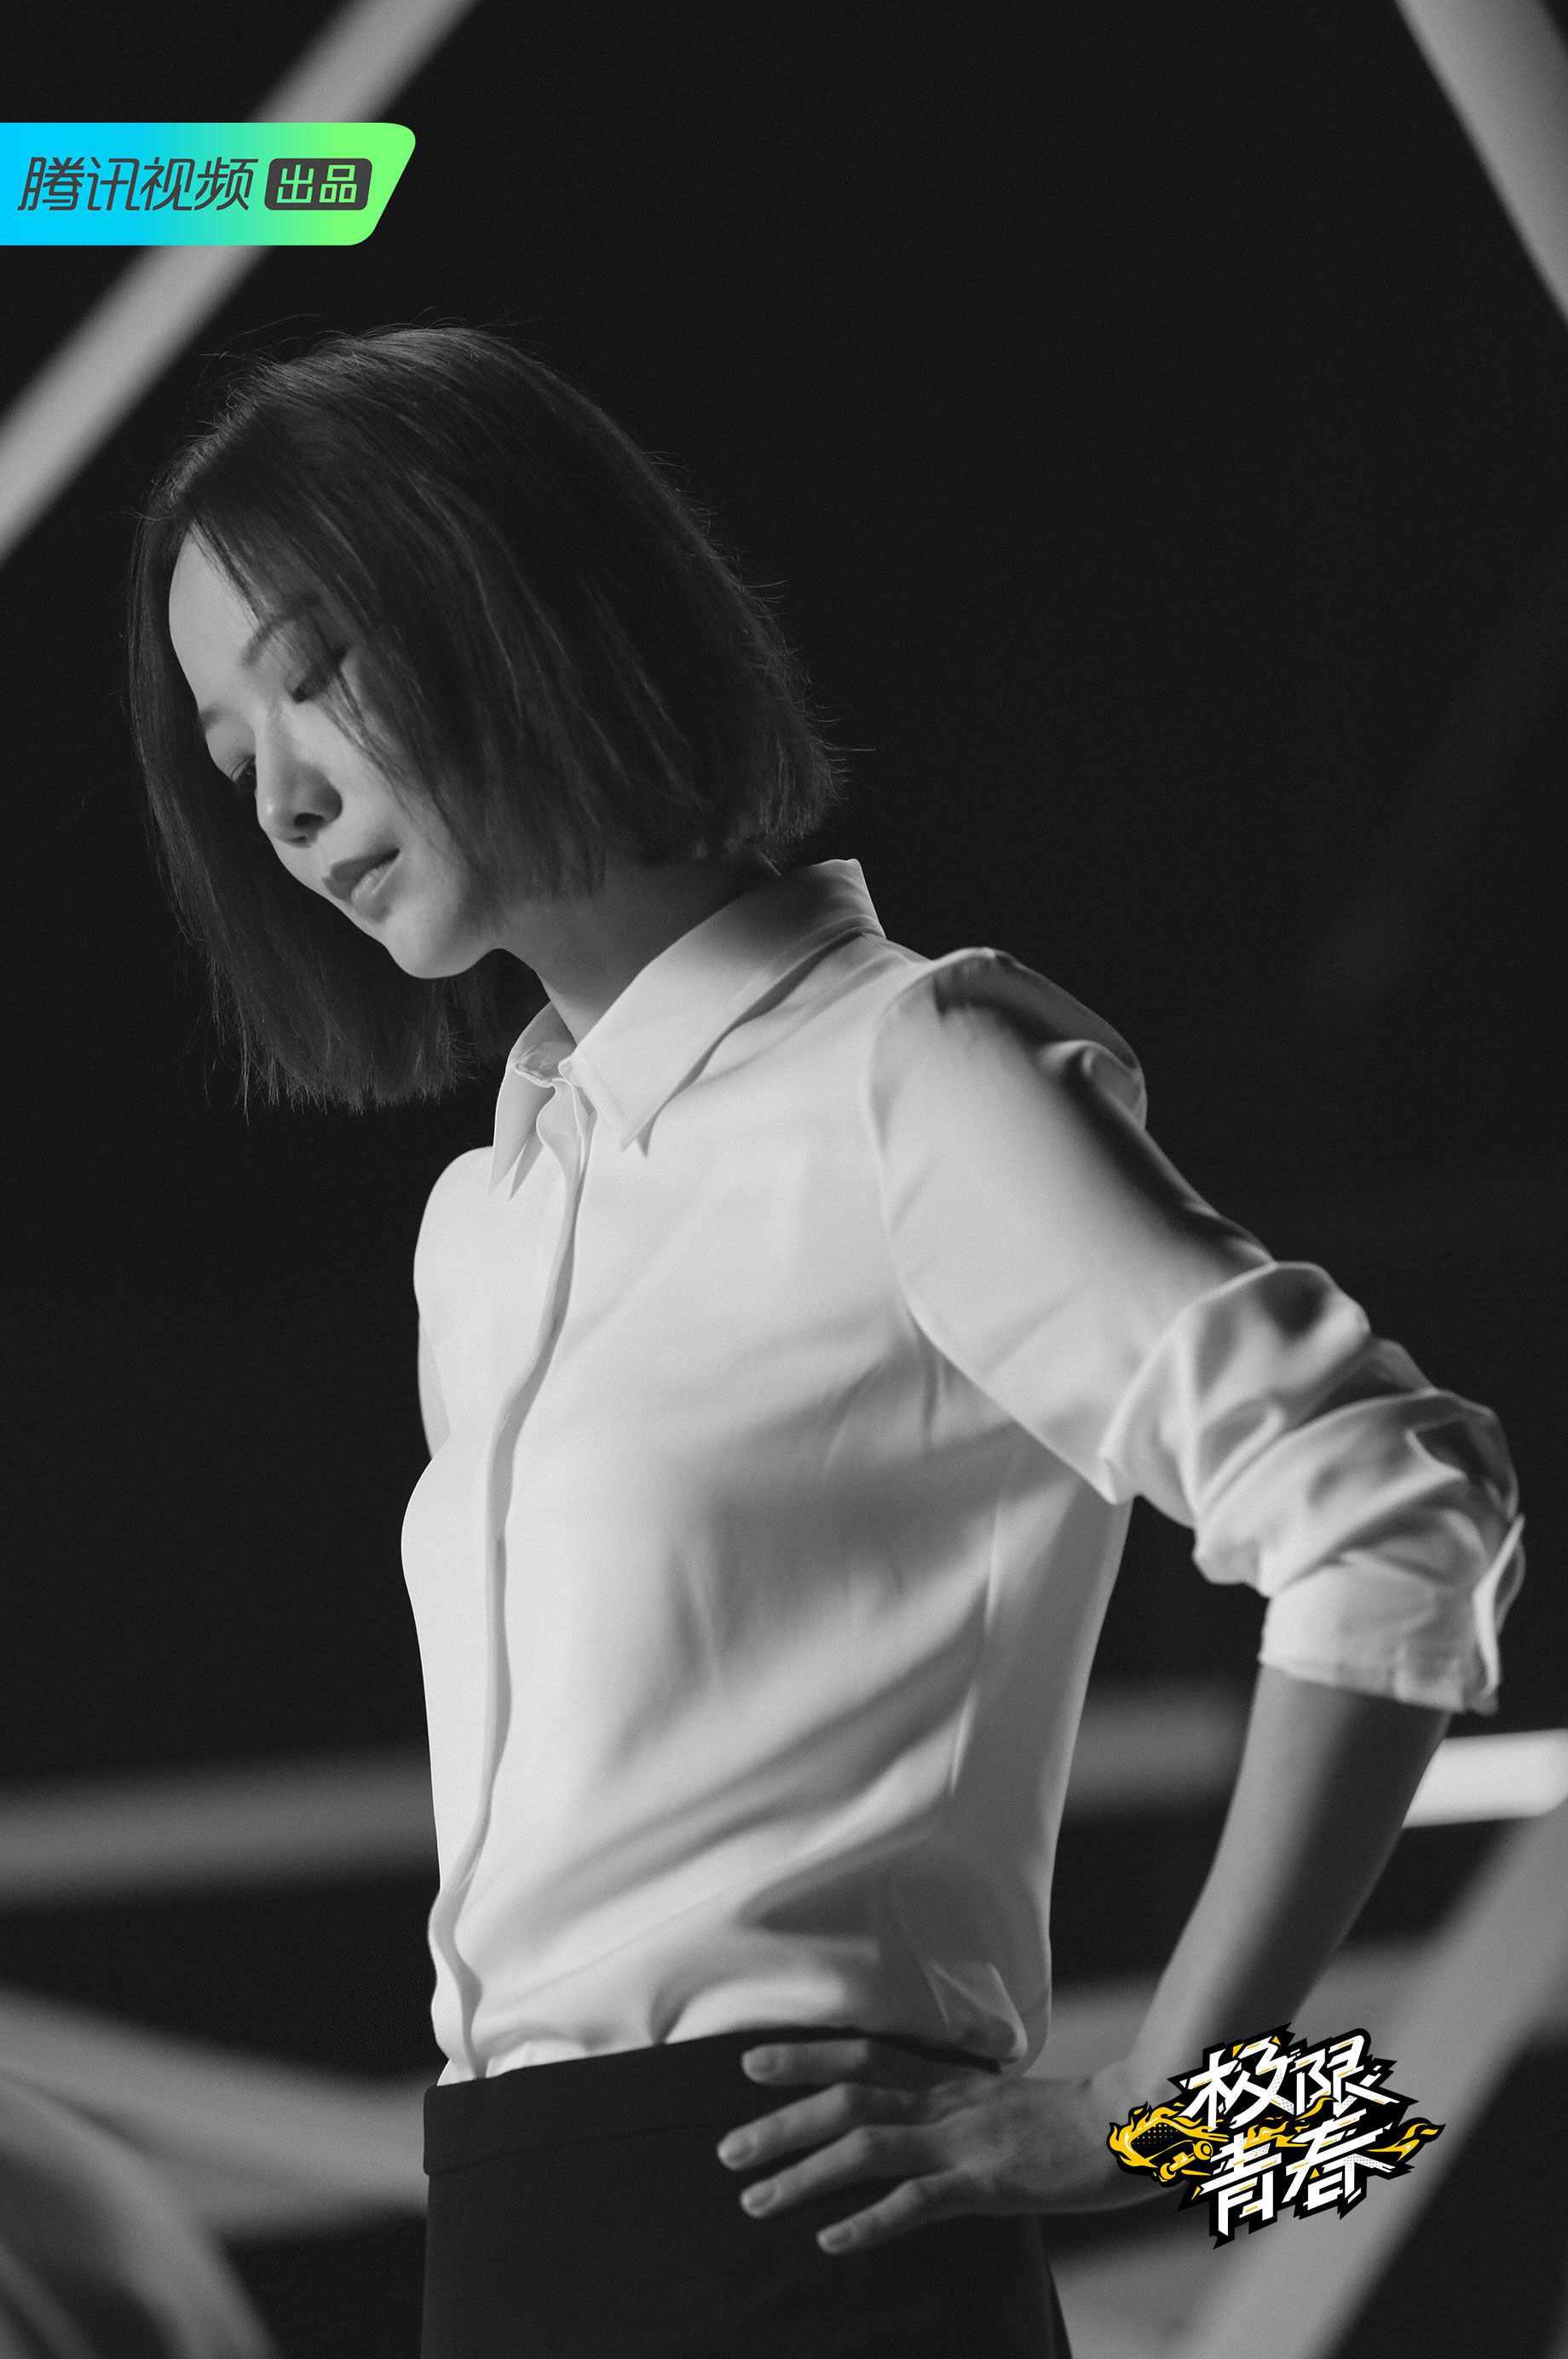 明星领队王珞丹.jpg